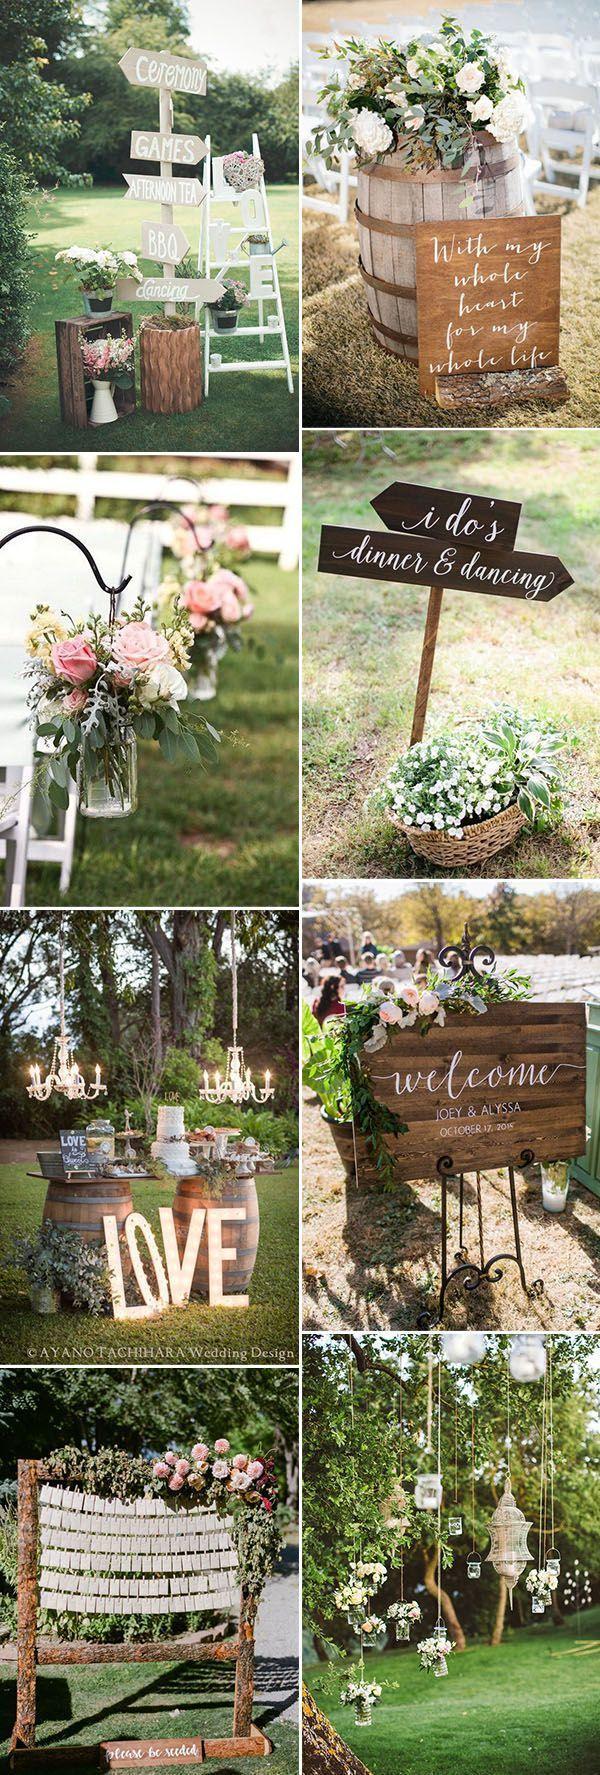 Hochzeitsdekoration Fotos: erstaunliche Garten Hochzeitsdekoration Ideen, die einfach zu sind…